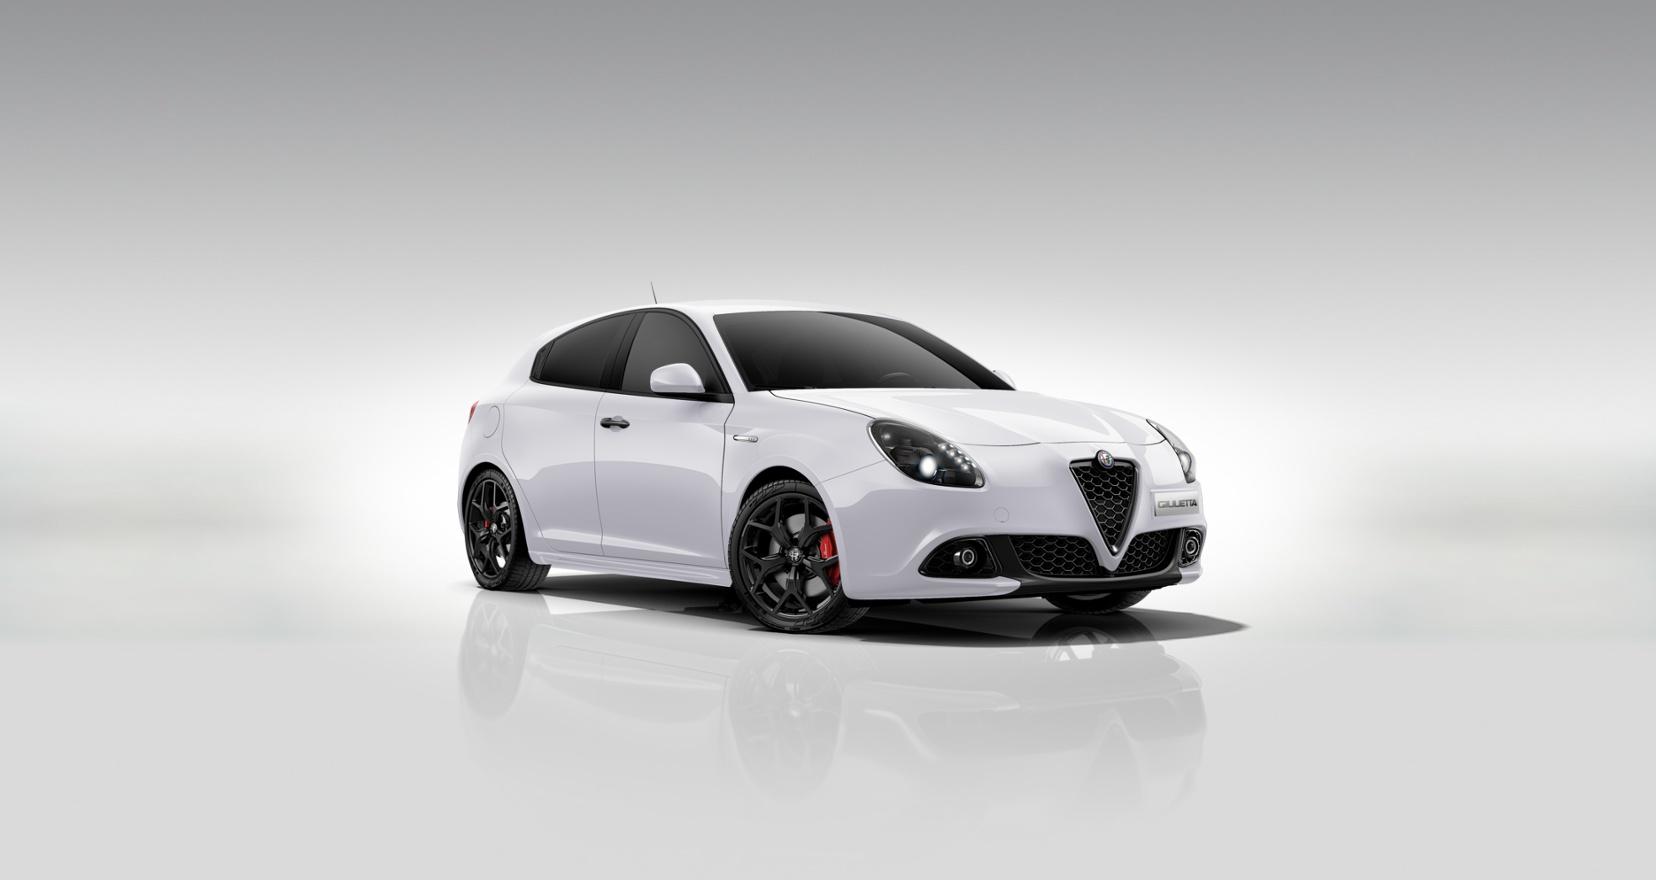 Alfa Romeo Giulietta Sprint wit - Schuin vooraanzicht